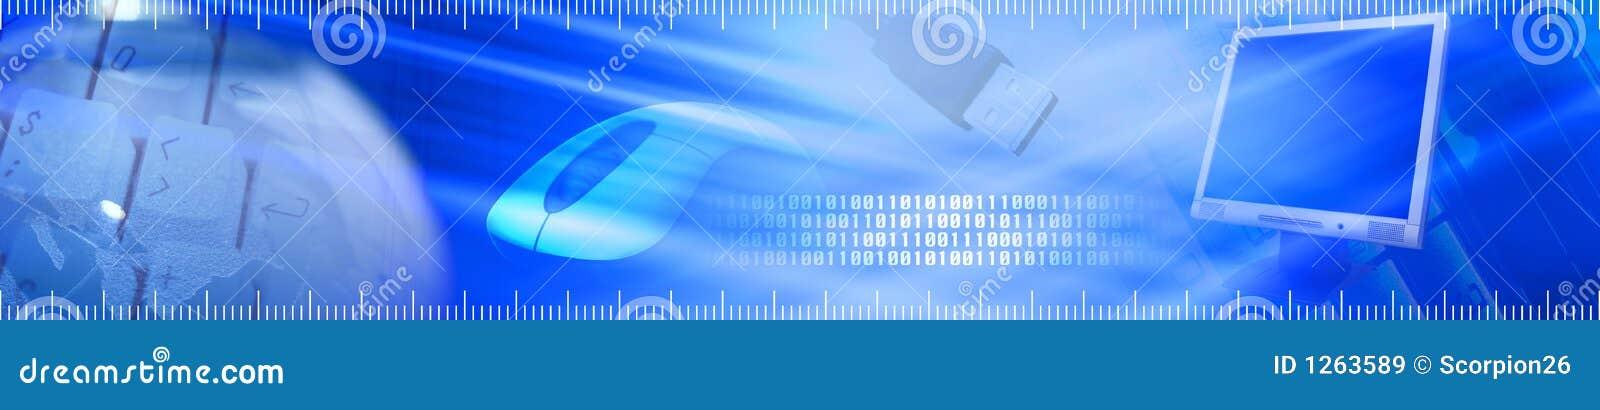 Technology banner.